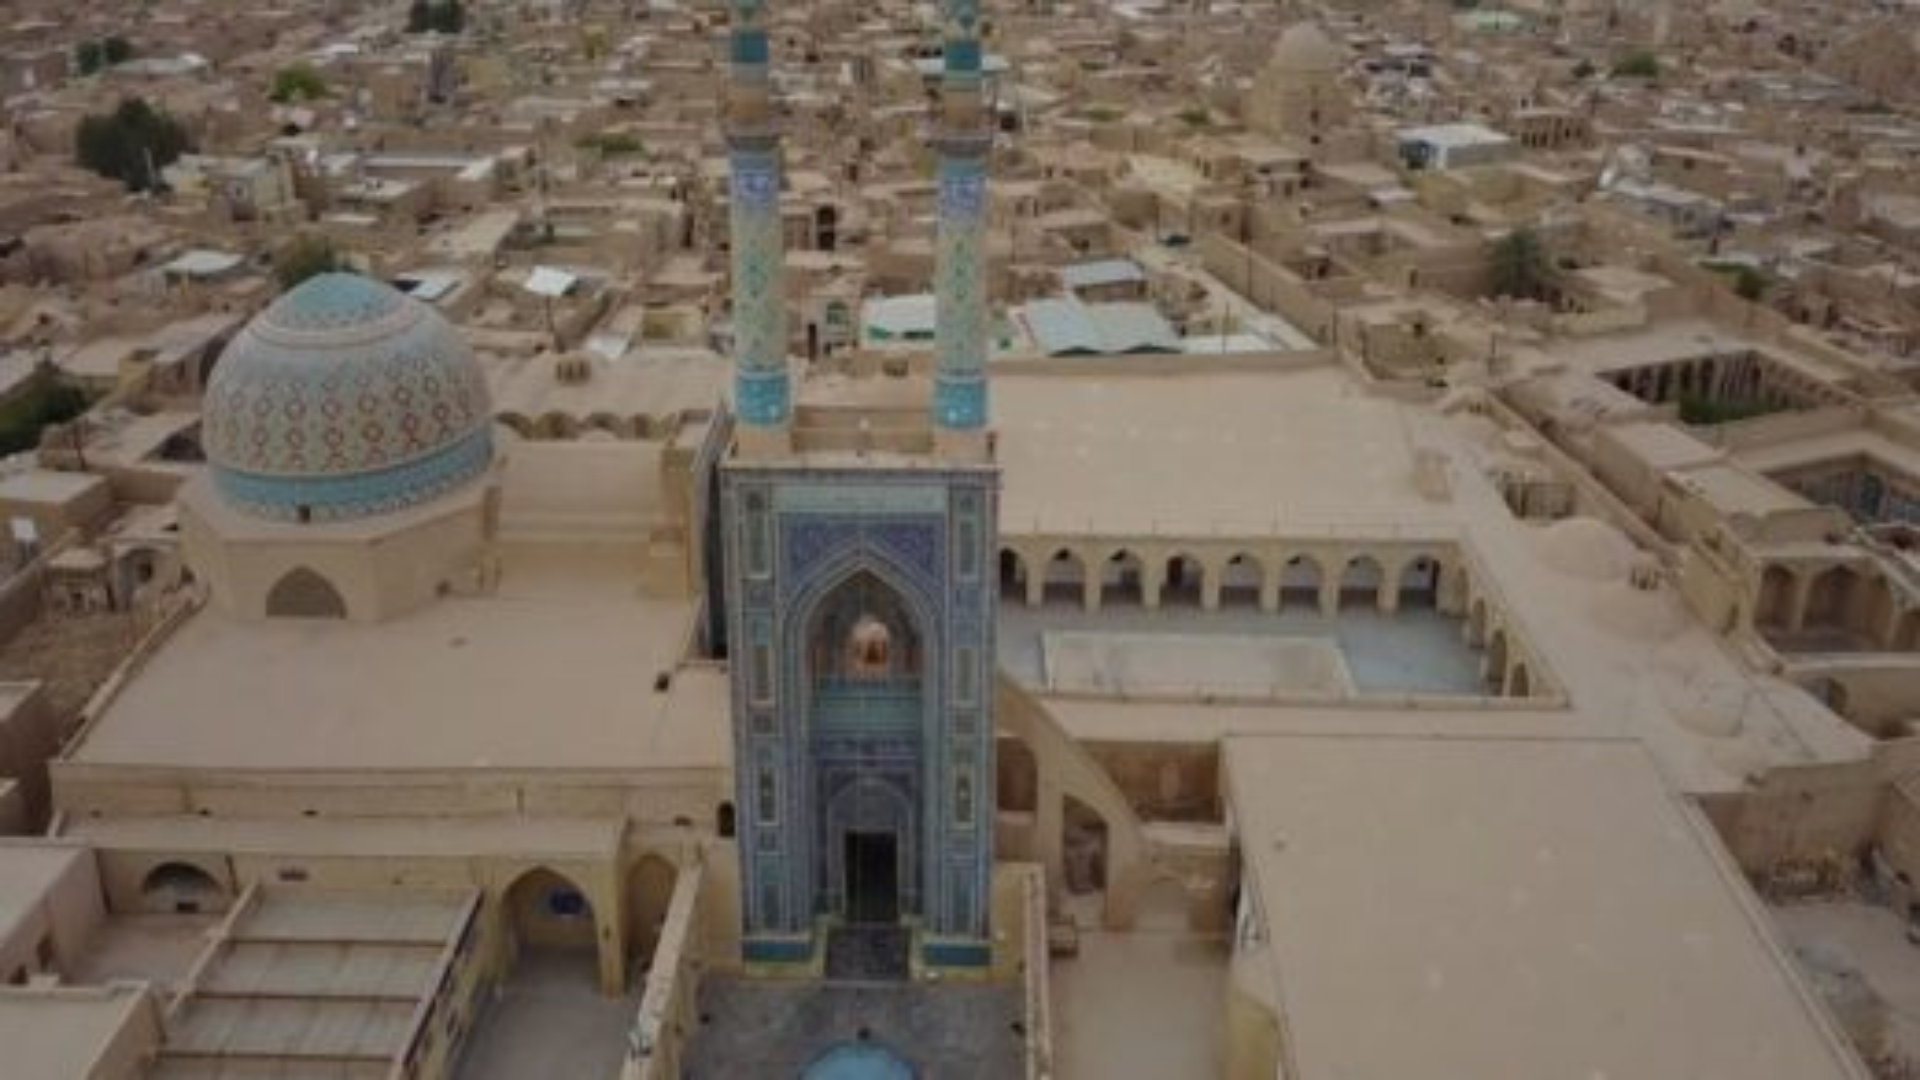 گردشگری-ایران | تگ